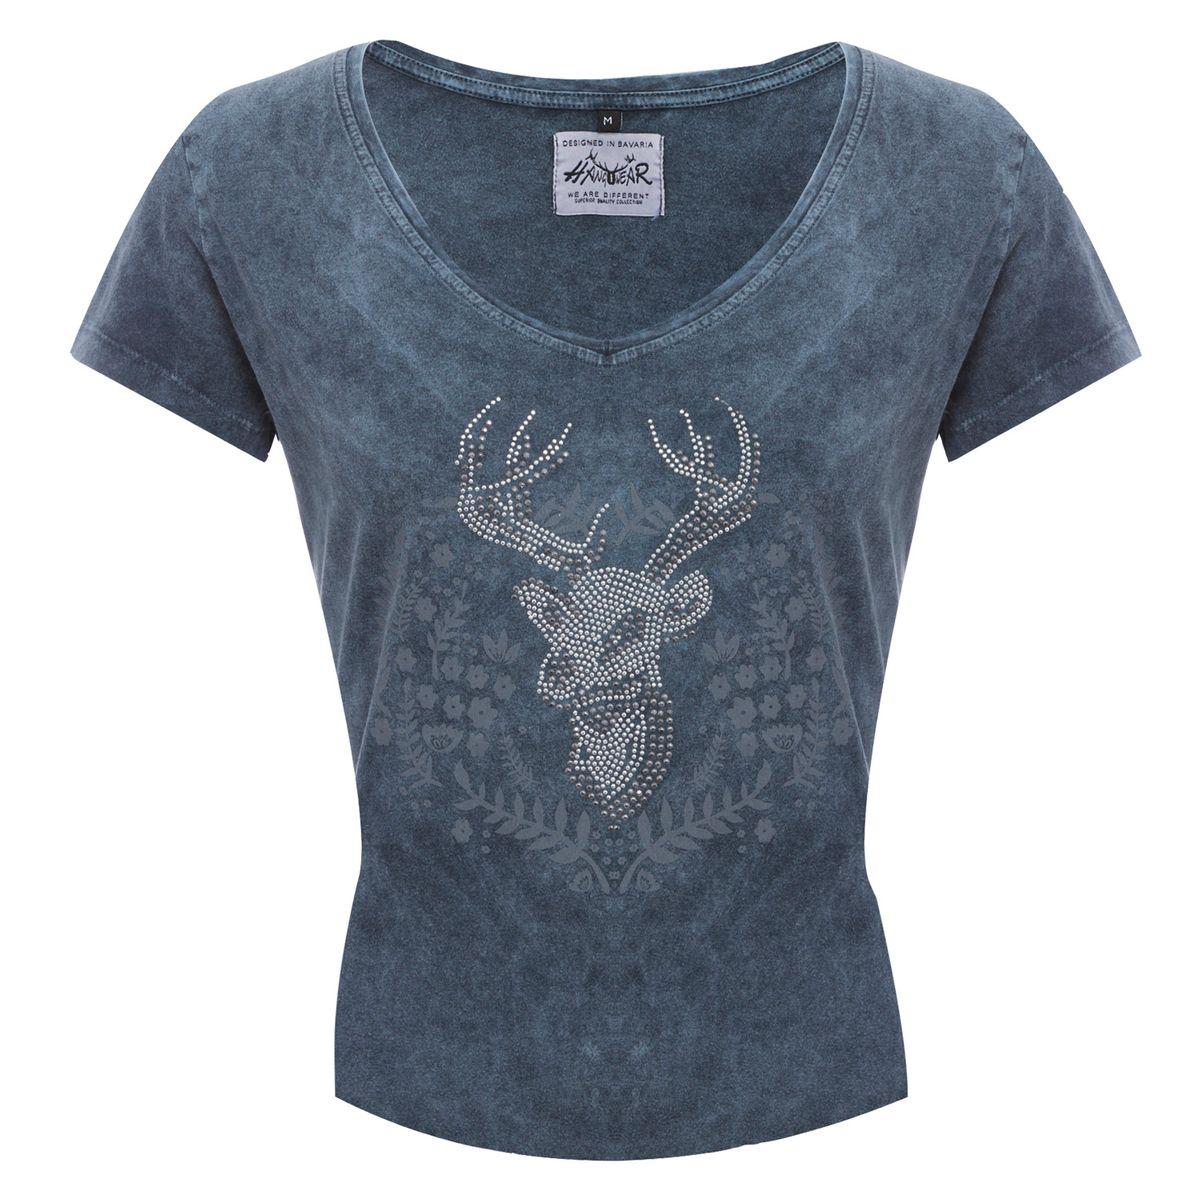 Trachtenshirt Inga in Grau-Blau von Hangowear günstig online kaufen